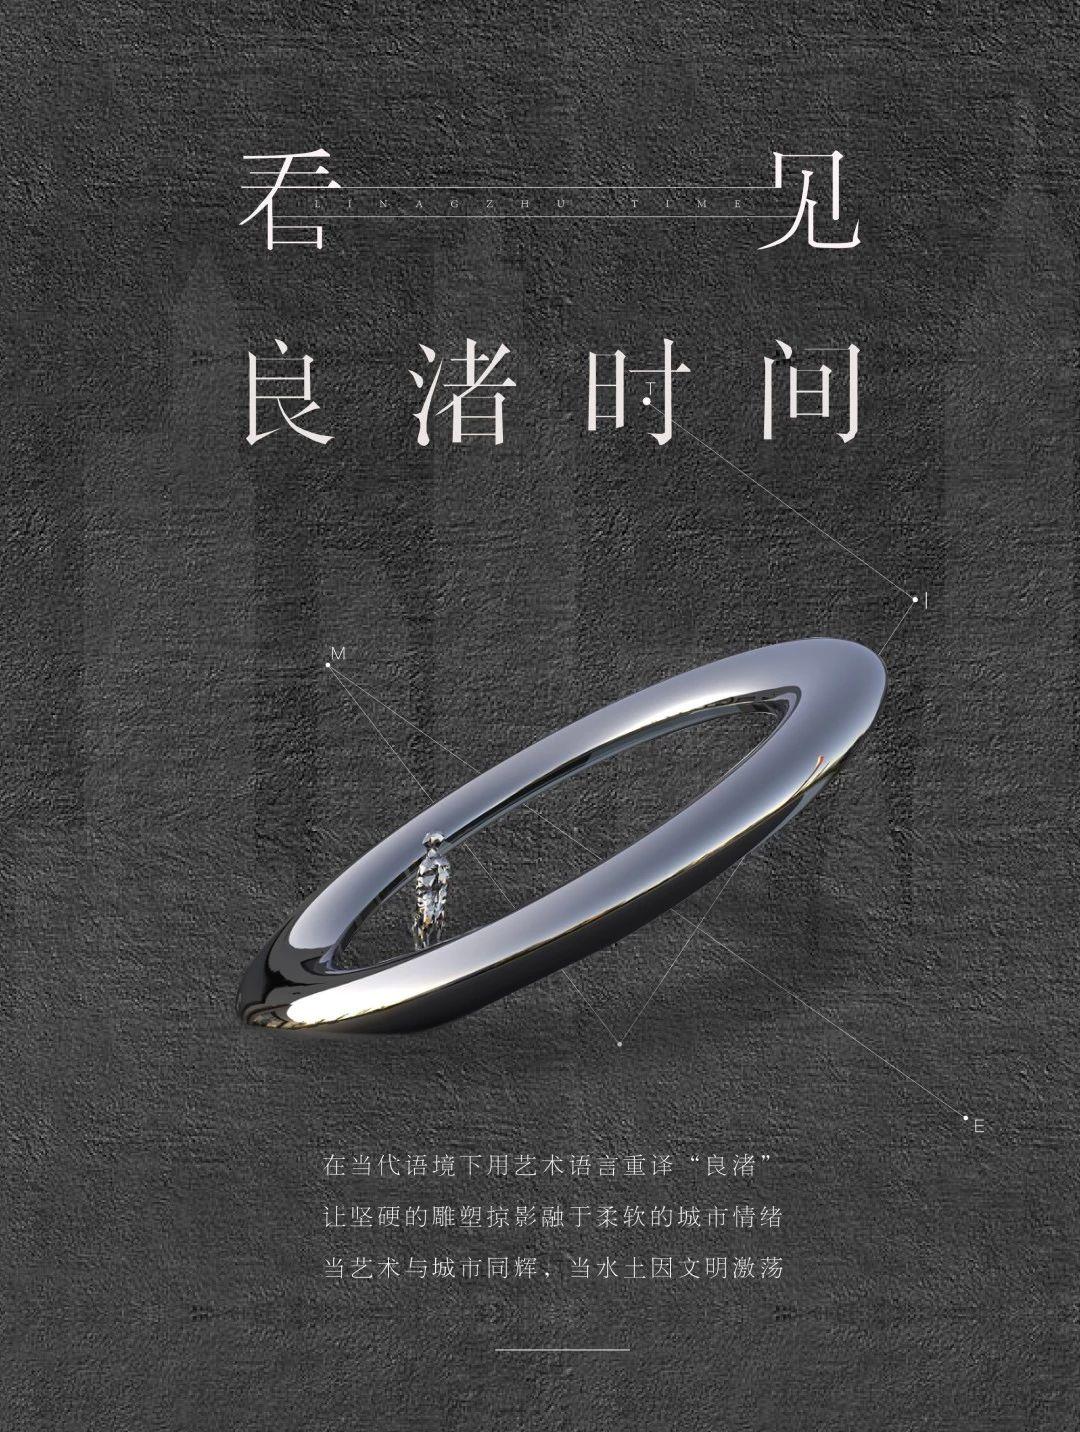 万科未来之光大型城市公共艺术作品良渚时间(众妙之门)/ToMASTER明日大师